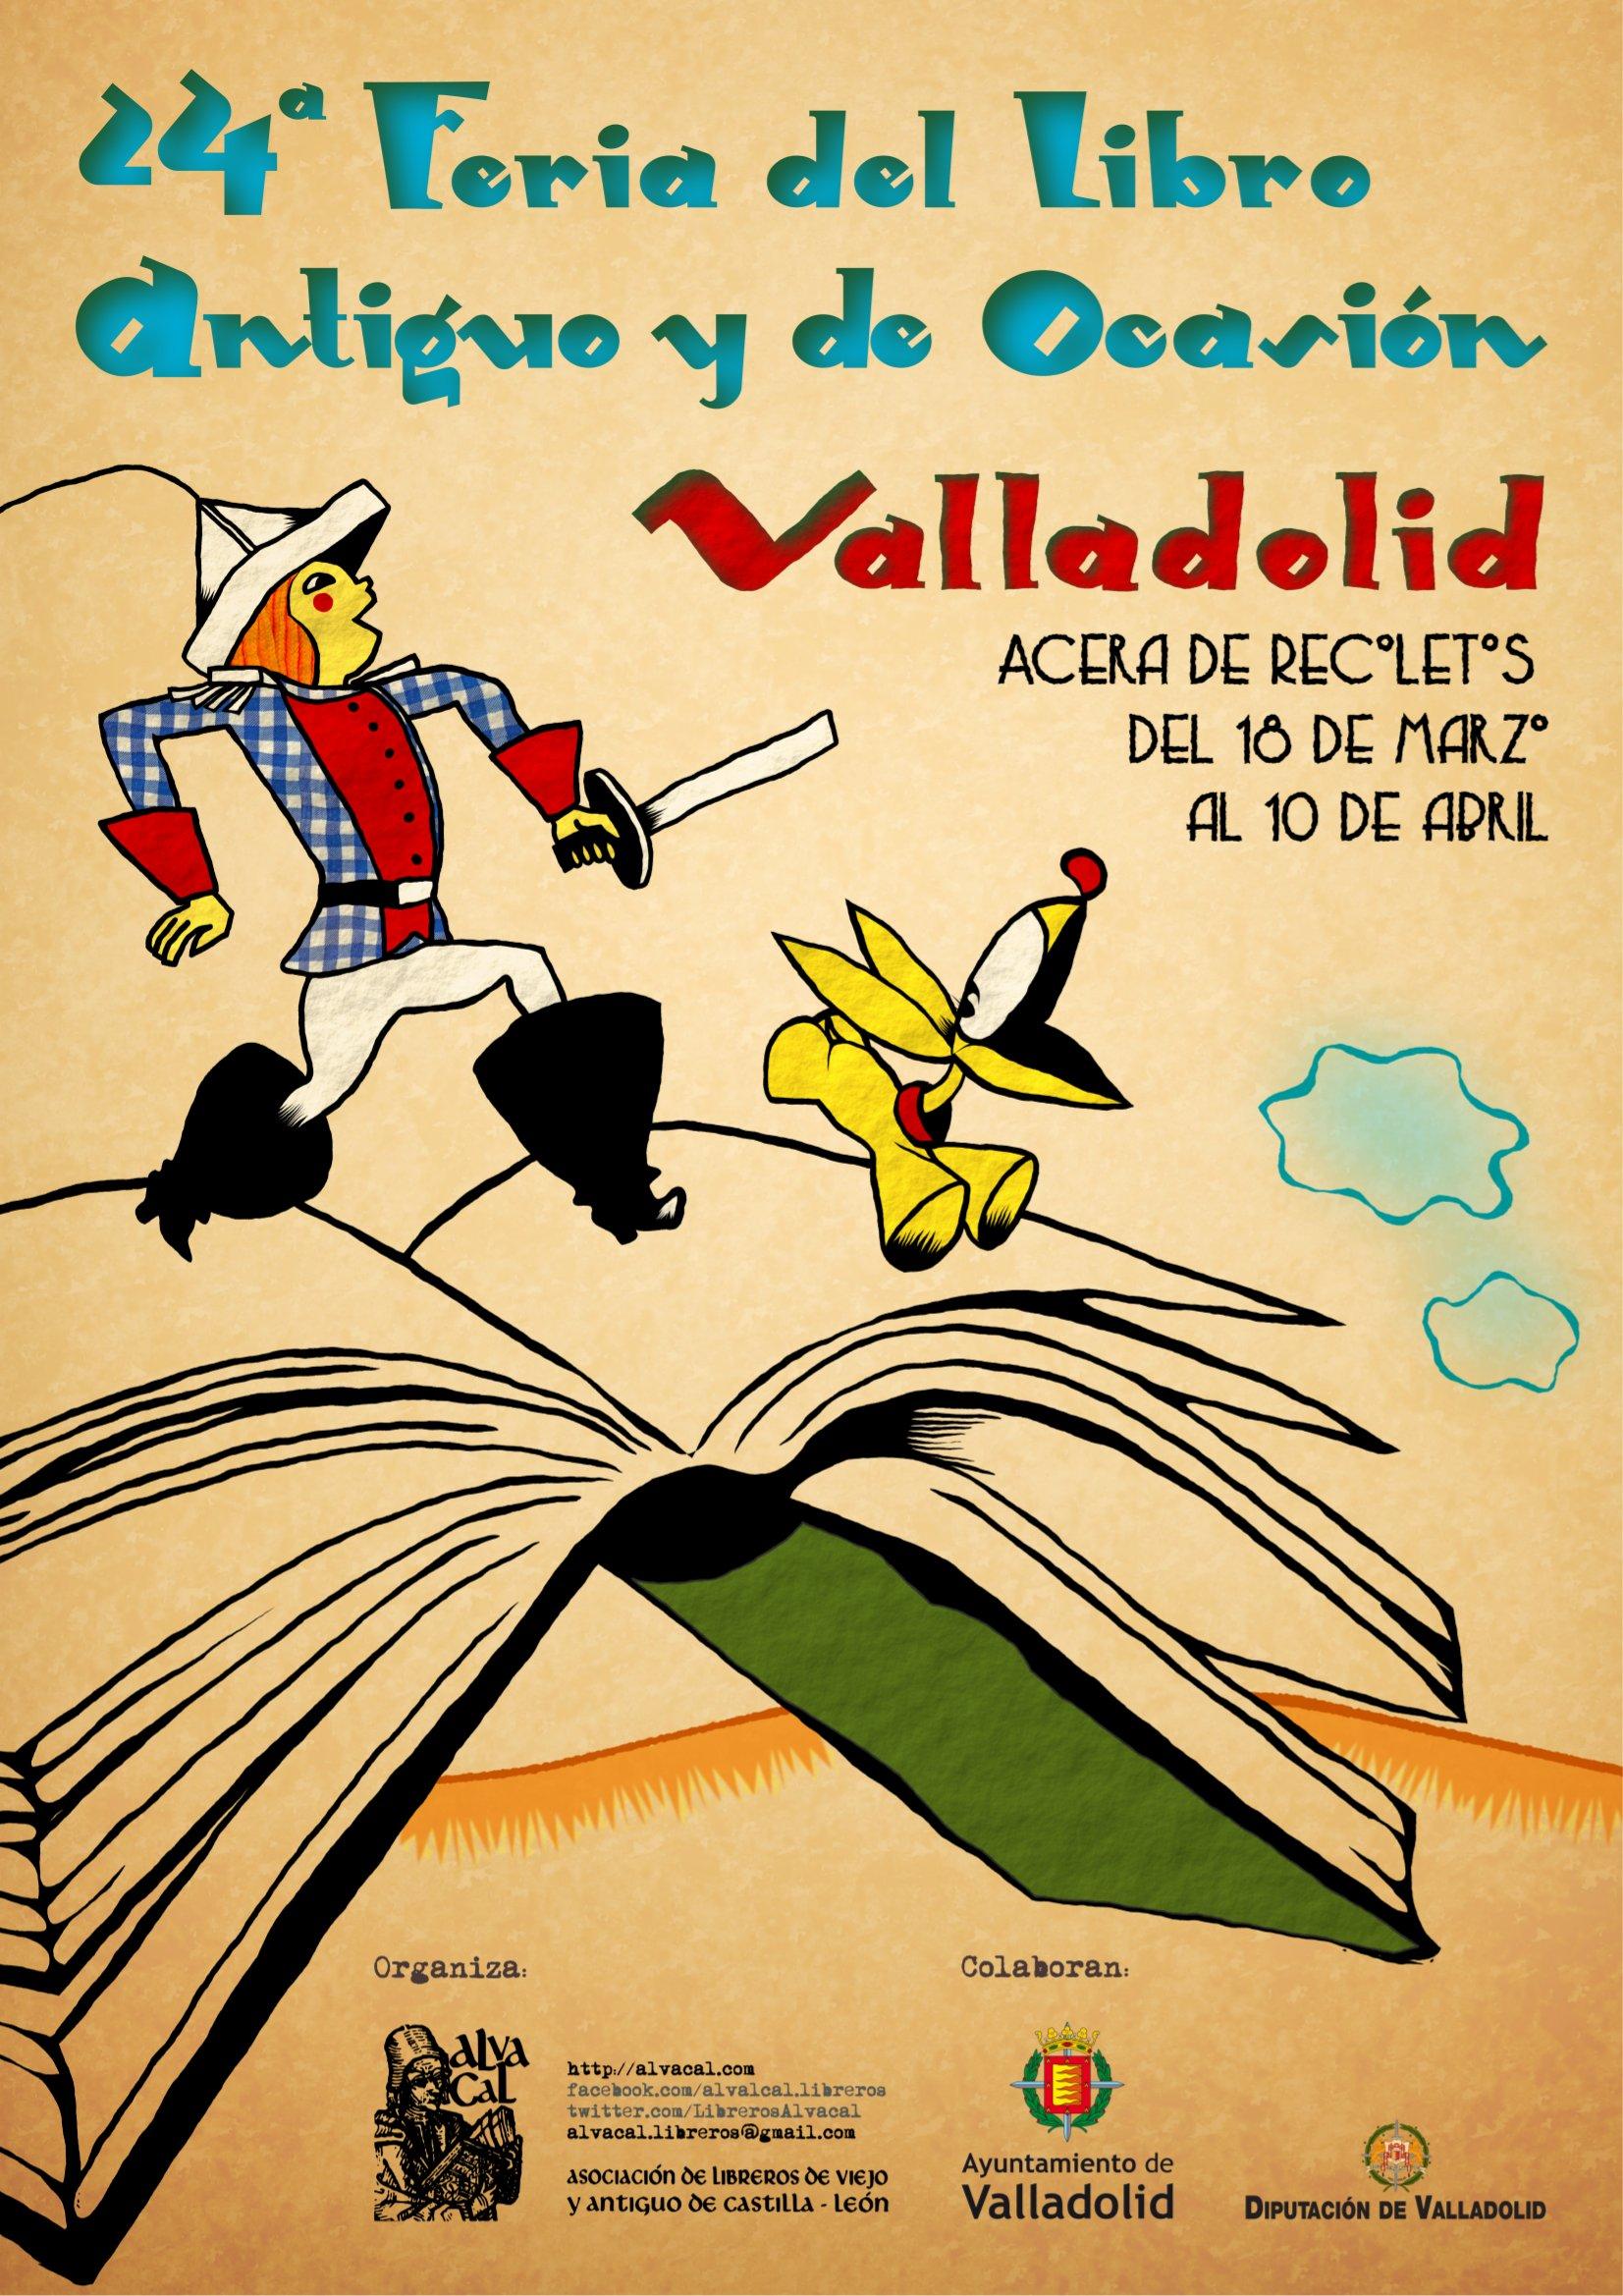 Feria del Libro Antiguo y Ocasión de Valladolid 2016